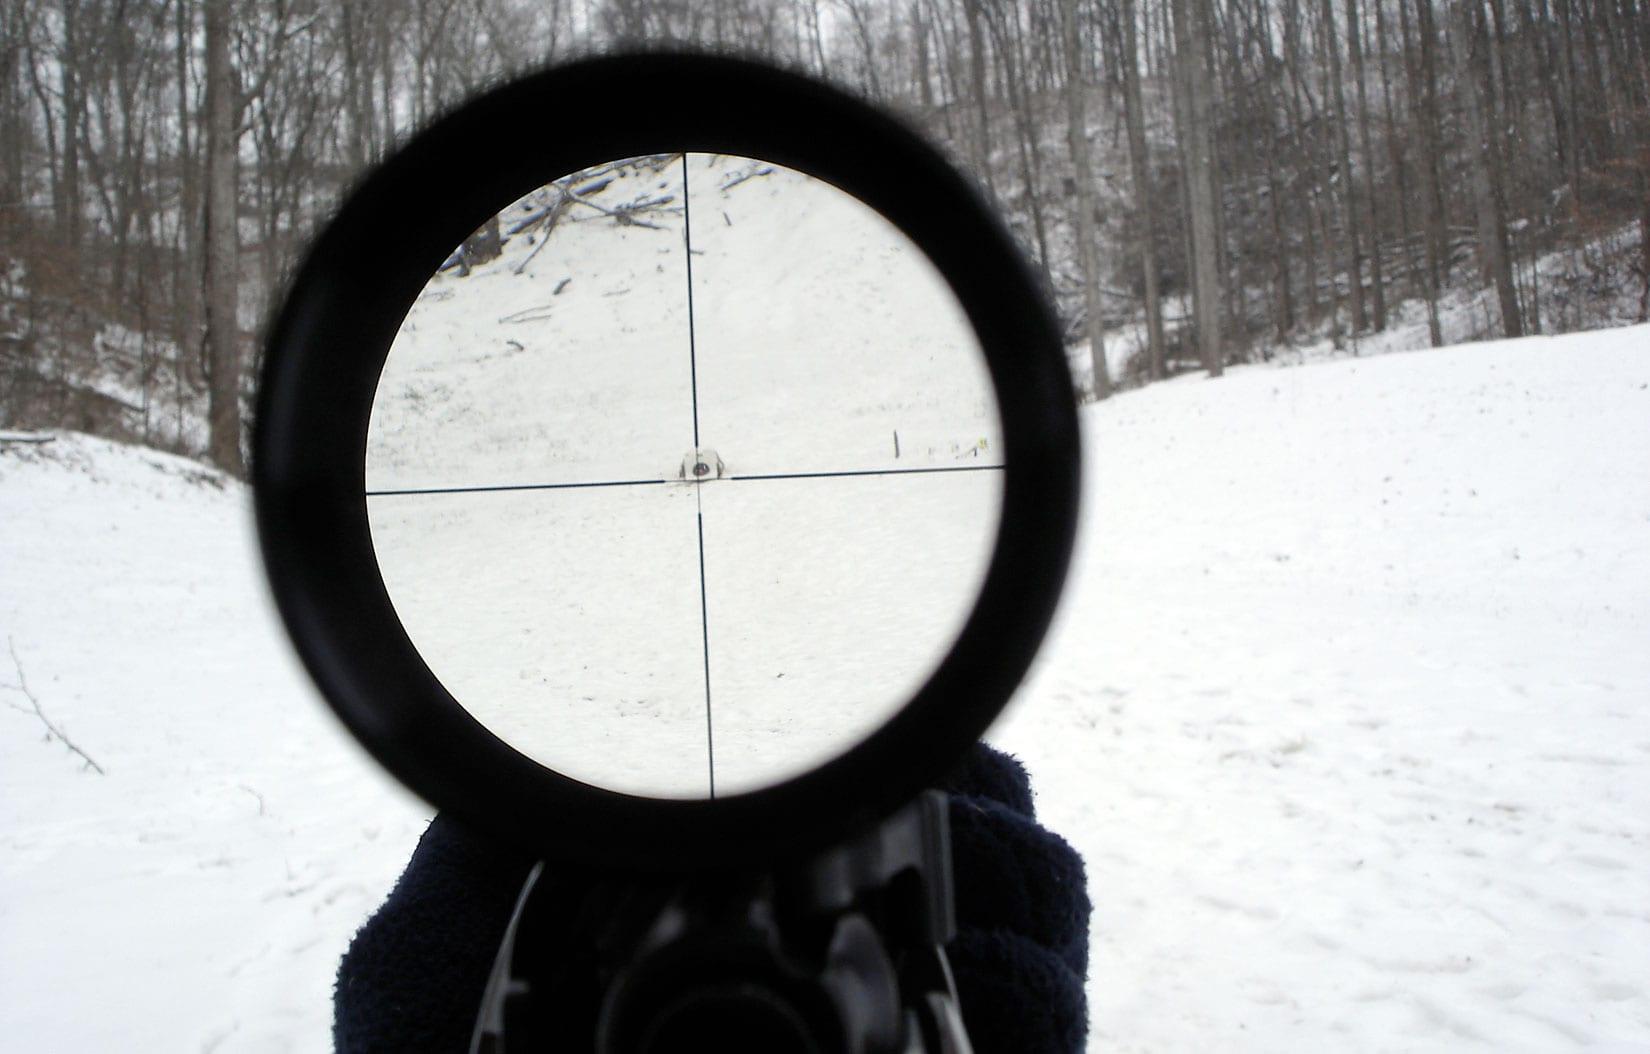 random riflescope